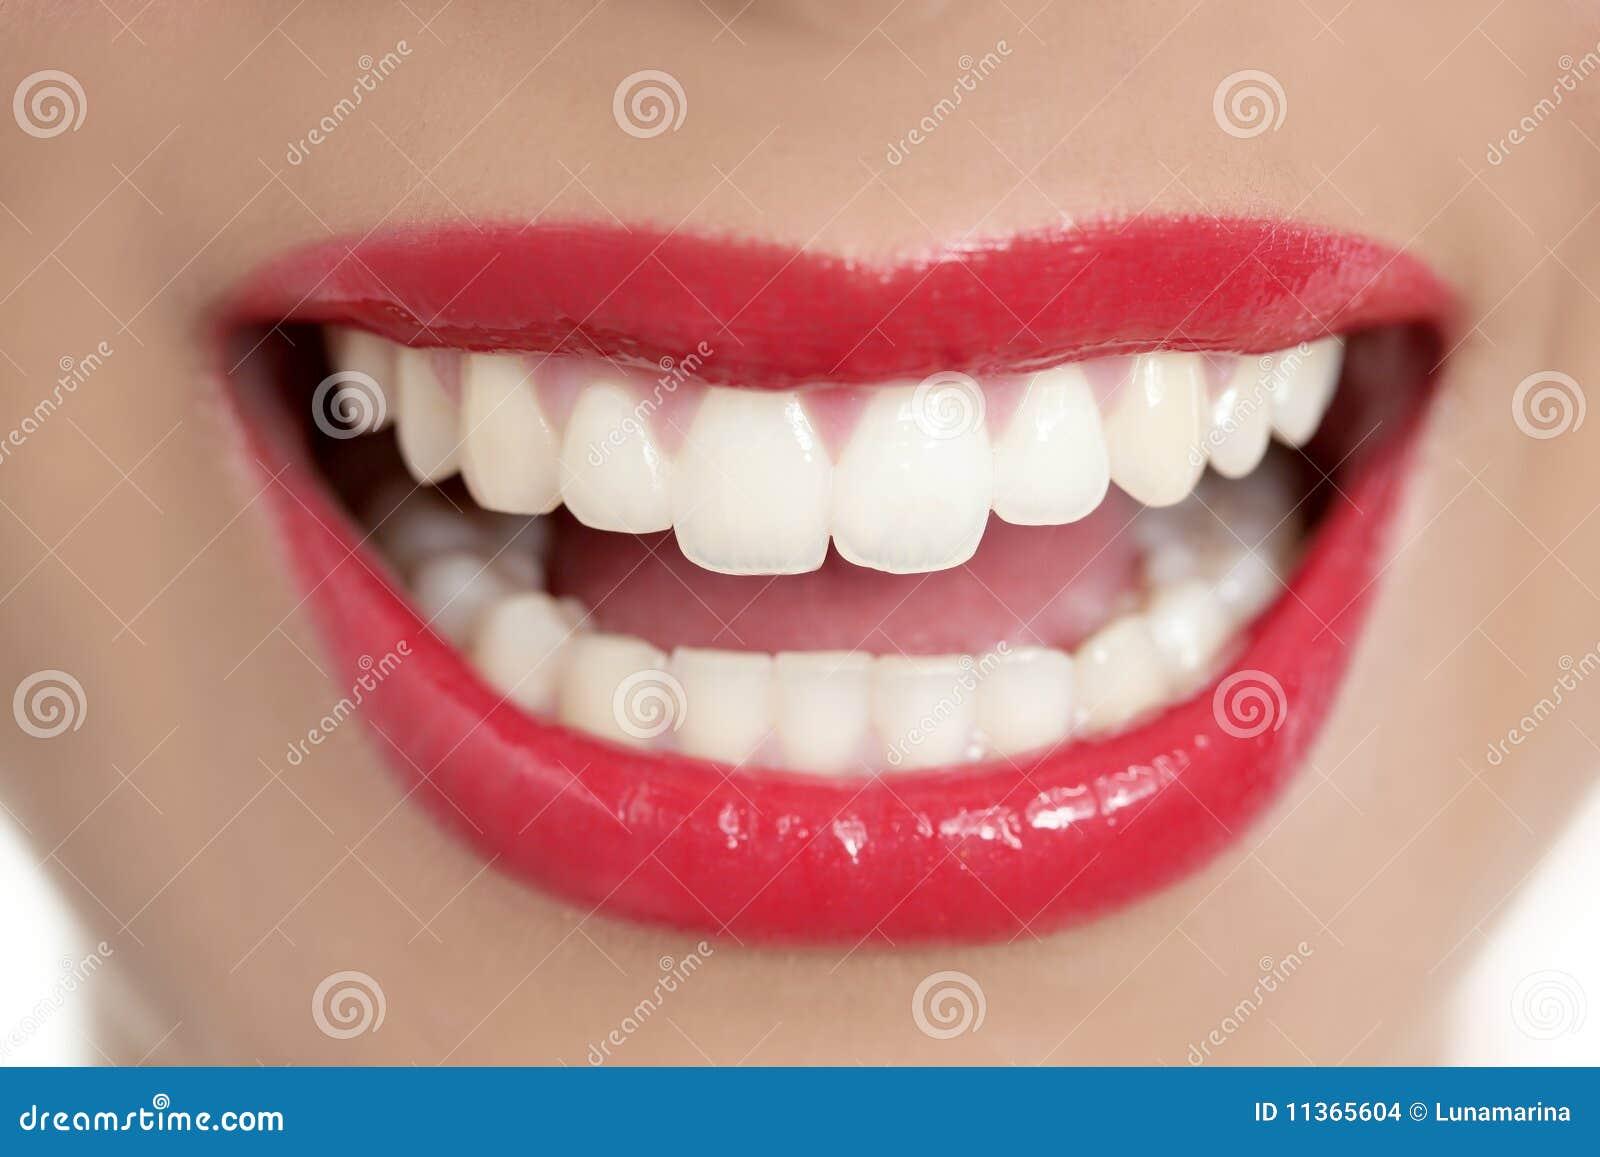 Sorriso perfetto dei denti della bella donna immagini - Immagini dei denti da colorare ...